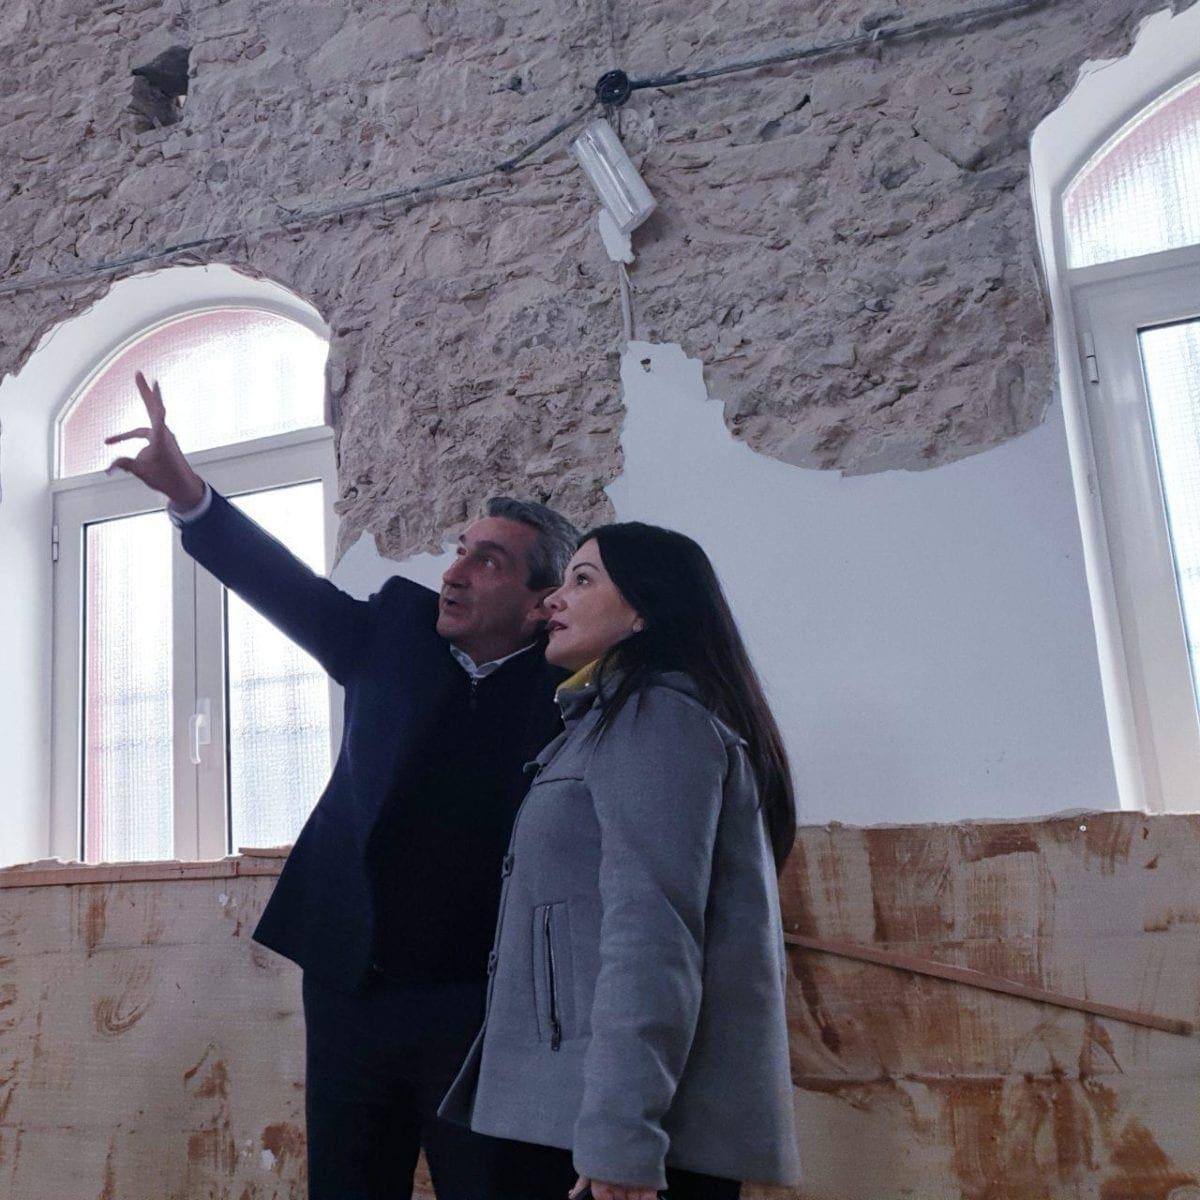 Με το ποσό των 200.000 ευρώ, η Περιφέρεια θα χρηματοδοτήσει την αποκατάσταση του τεμένους Γαζή Χασάν Πασά στην Κω